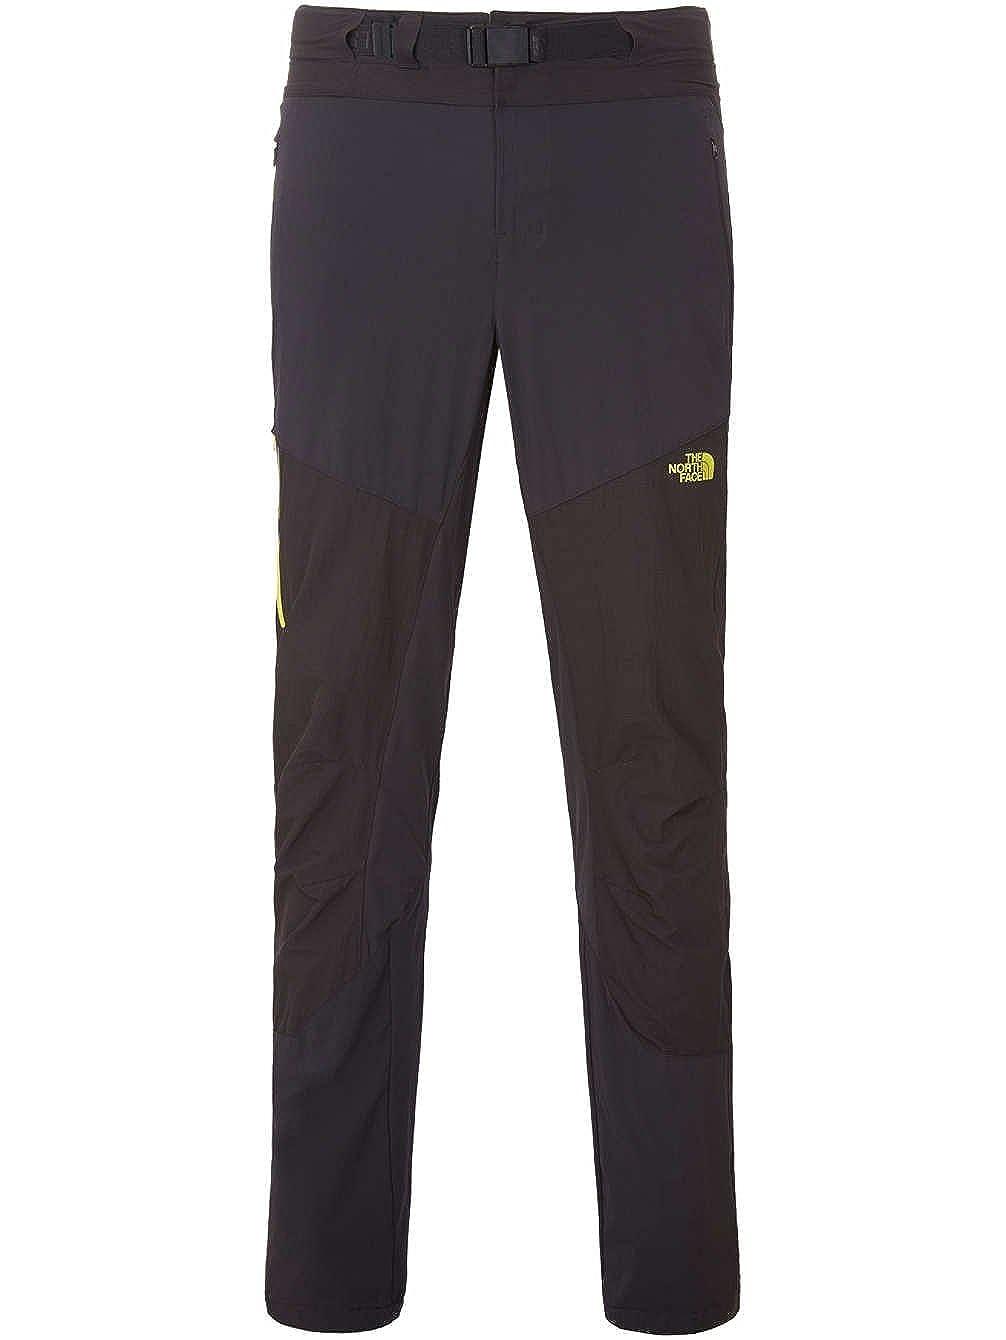 THE NORTH FACE Herren Outdoor Hose Speedlight Plus Outdoor Pants